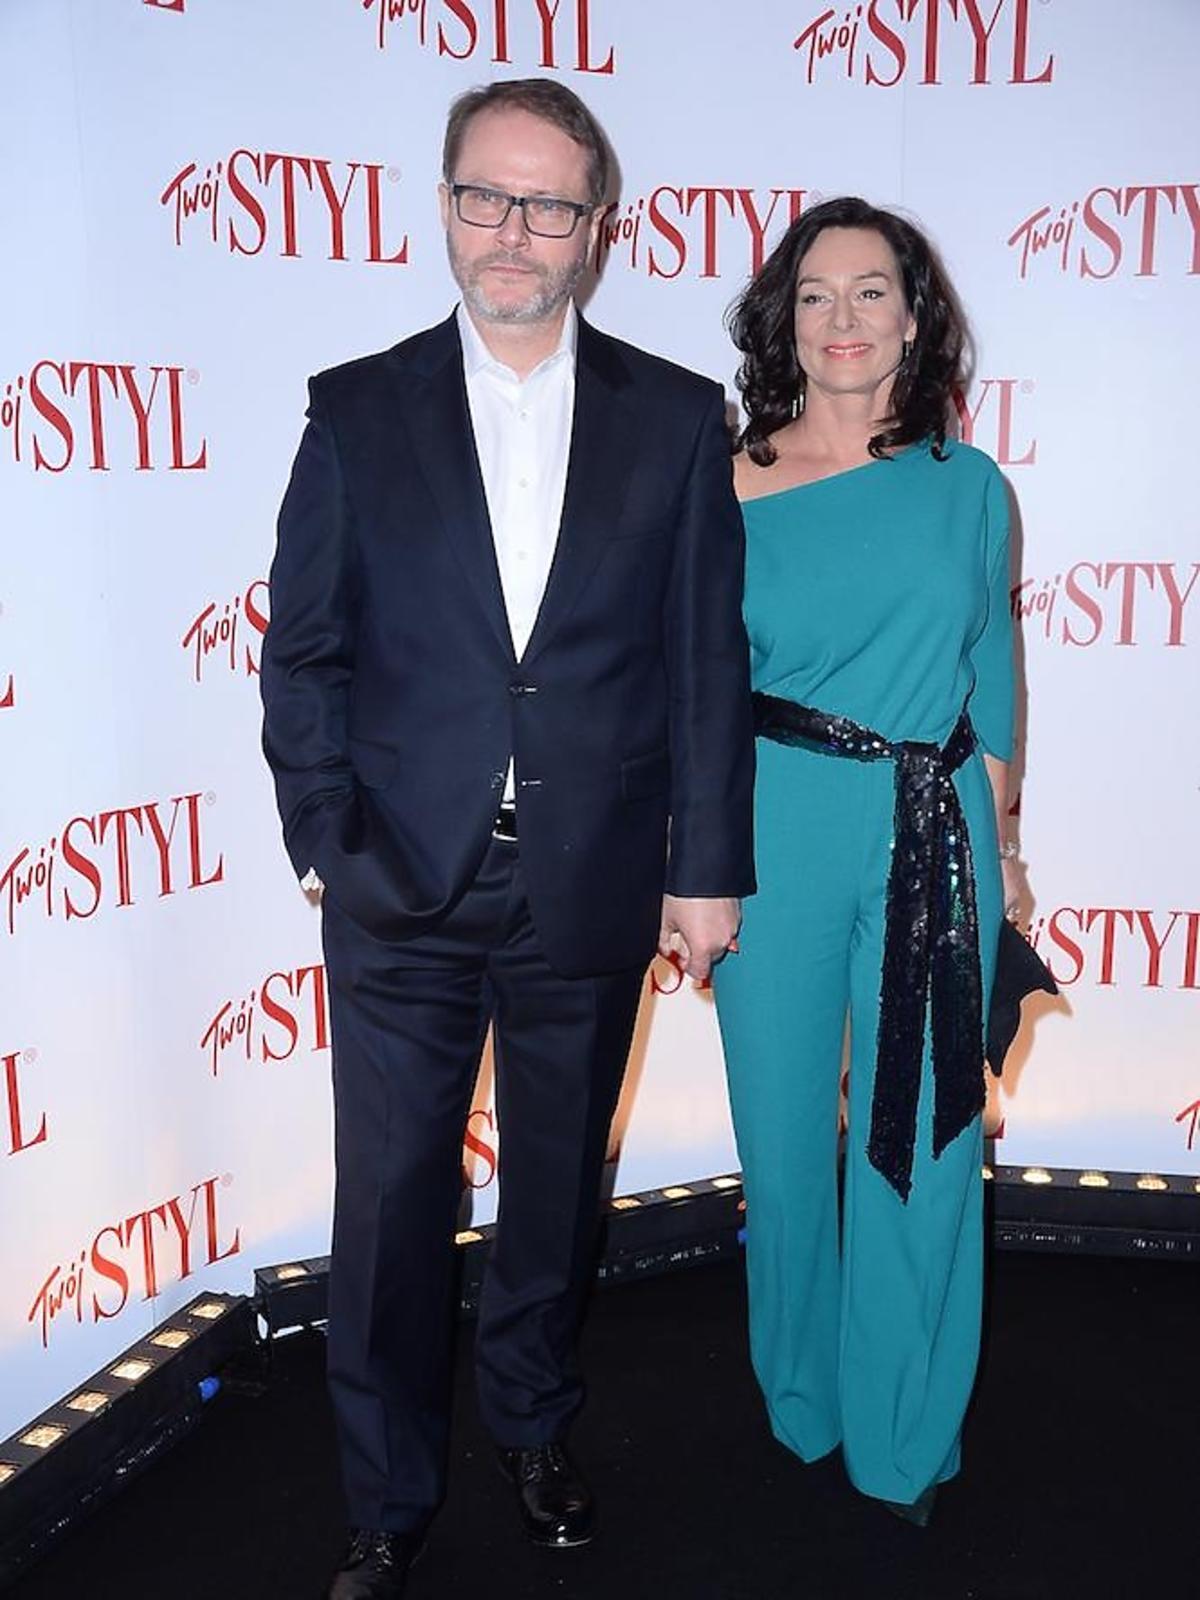 Artur Żmijewski z żoną na Doskonałości roku 2017